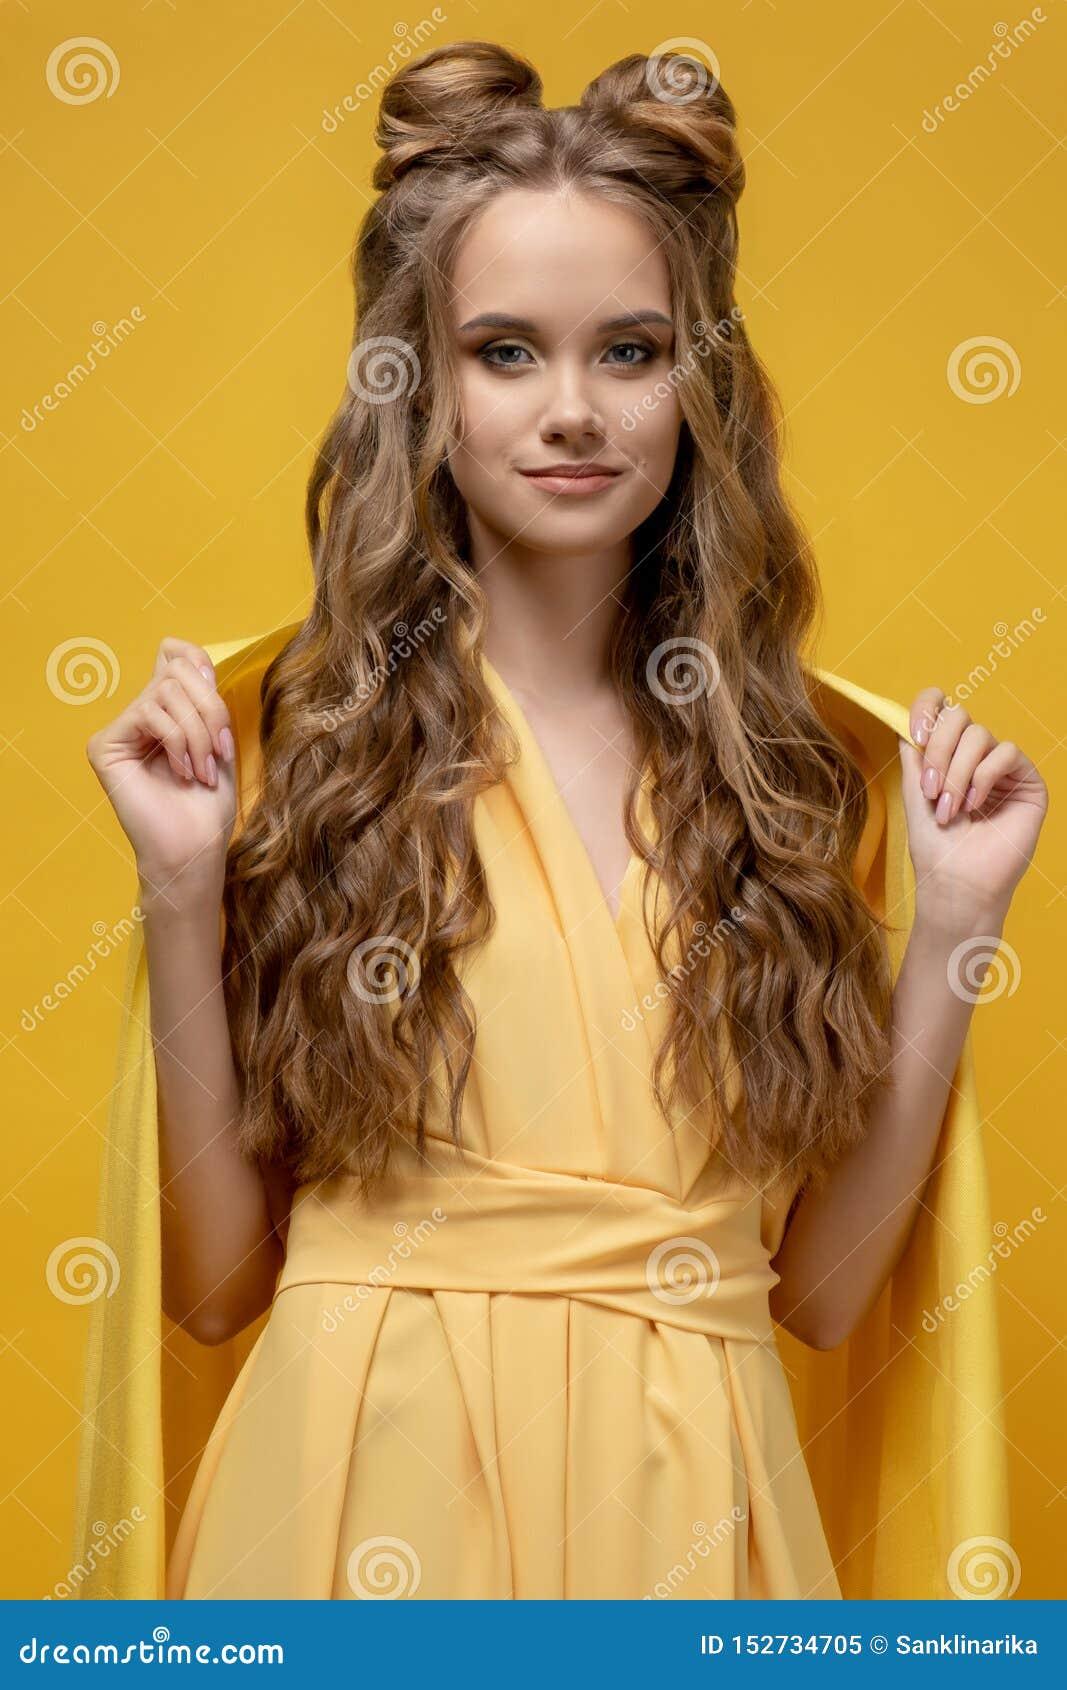 Ragazza sveglia in un vestito giallo su un fondo giallo con un taglio di capelli ed i capelli lunghi ricci